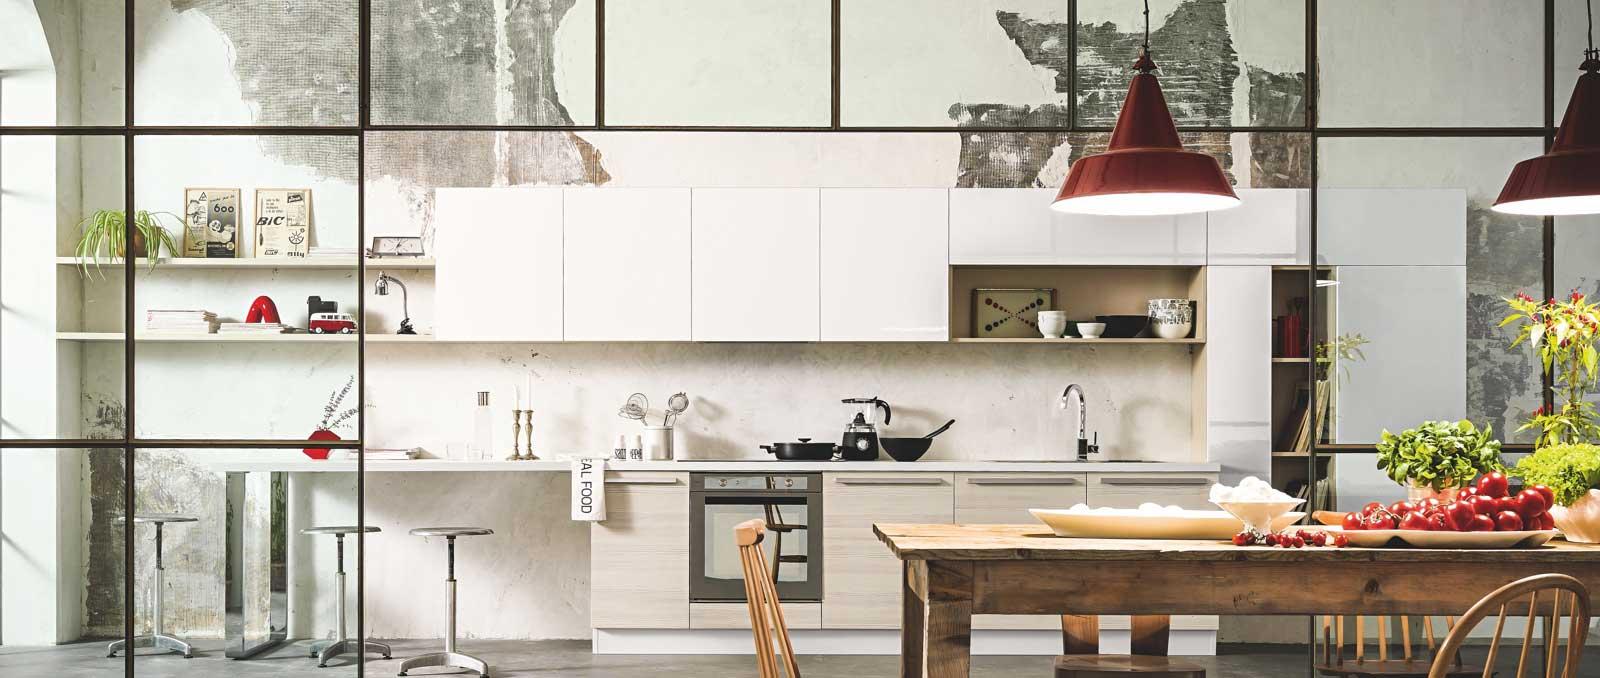 De style loft atelier cette cuisine est l'alliance entre les matières brutes et sophistiquées.